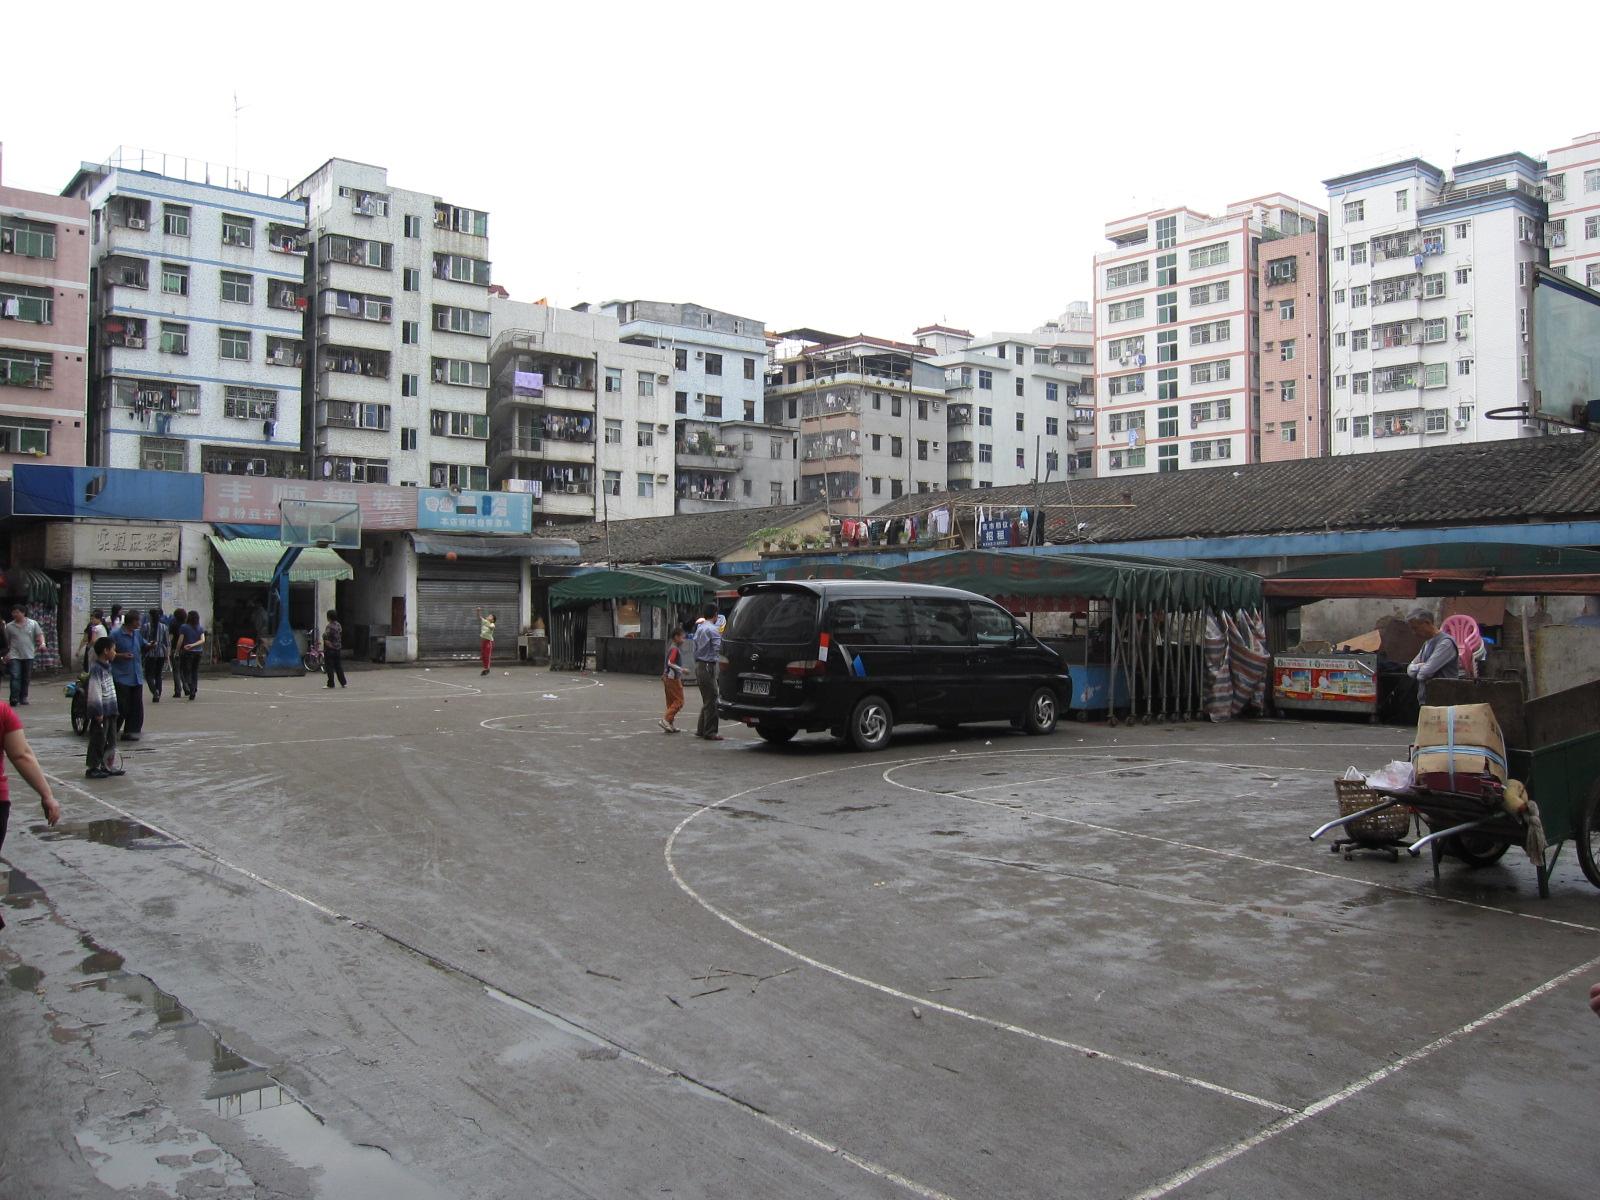 מחסור בשטחים ציבוריים , ושטחים פתוחים בכפר העירוני (צילום: דרור קוכן)